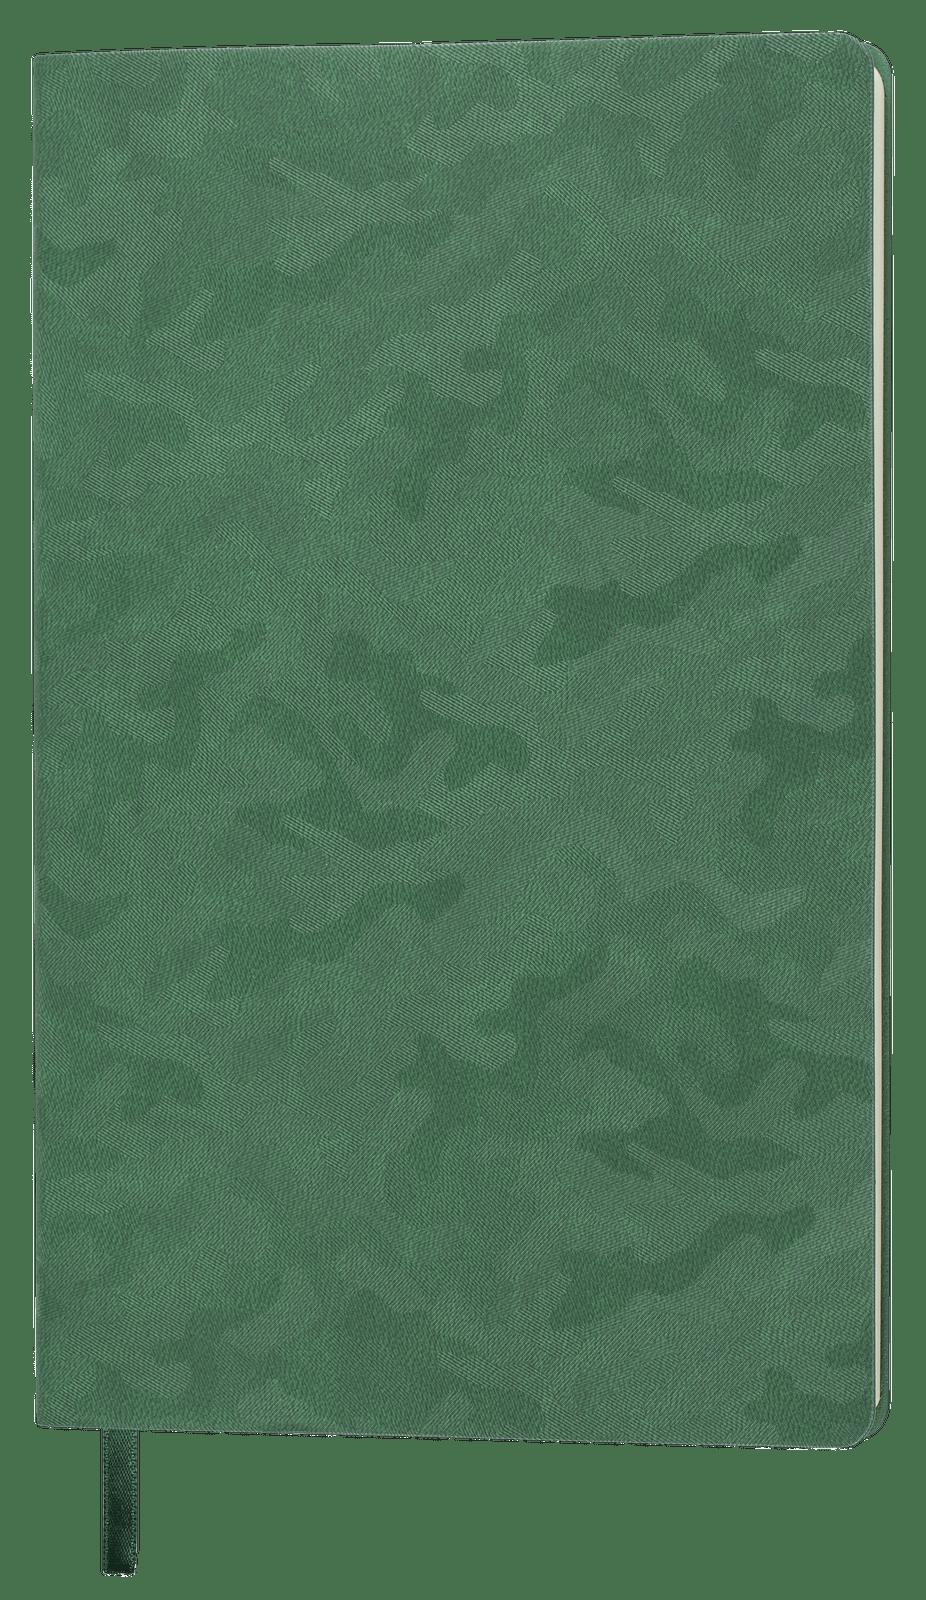 TM21225_15 - Tabby Funky verde